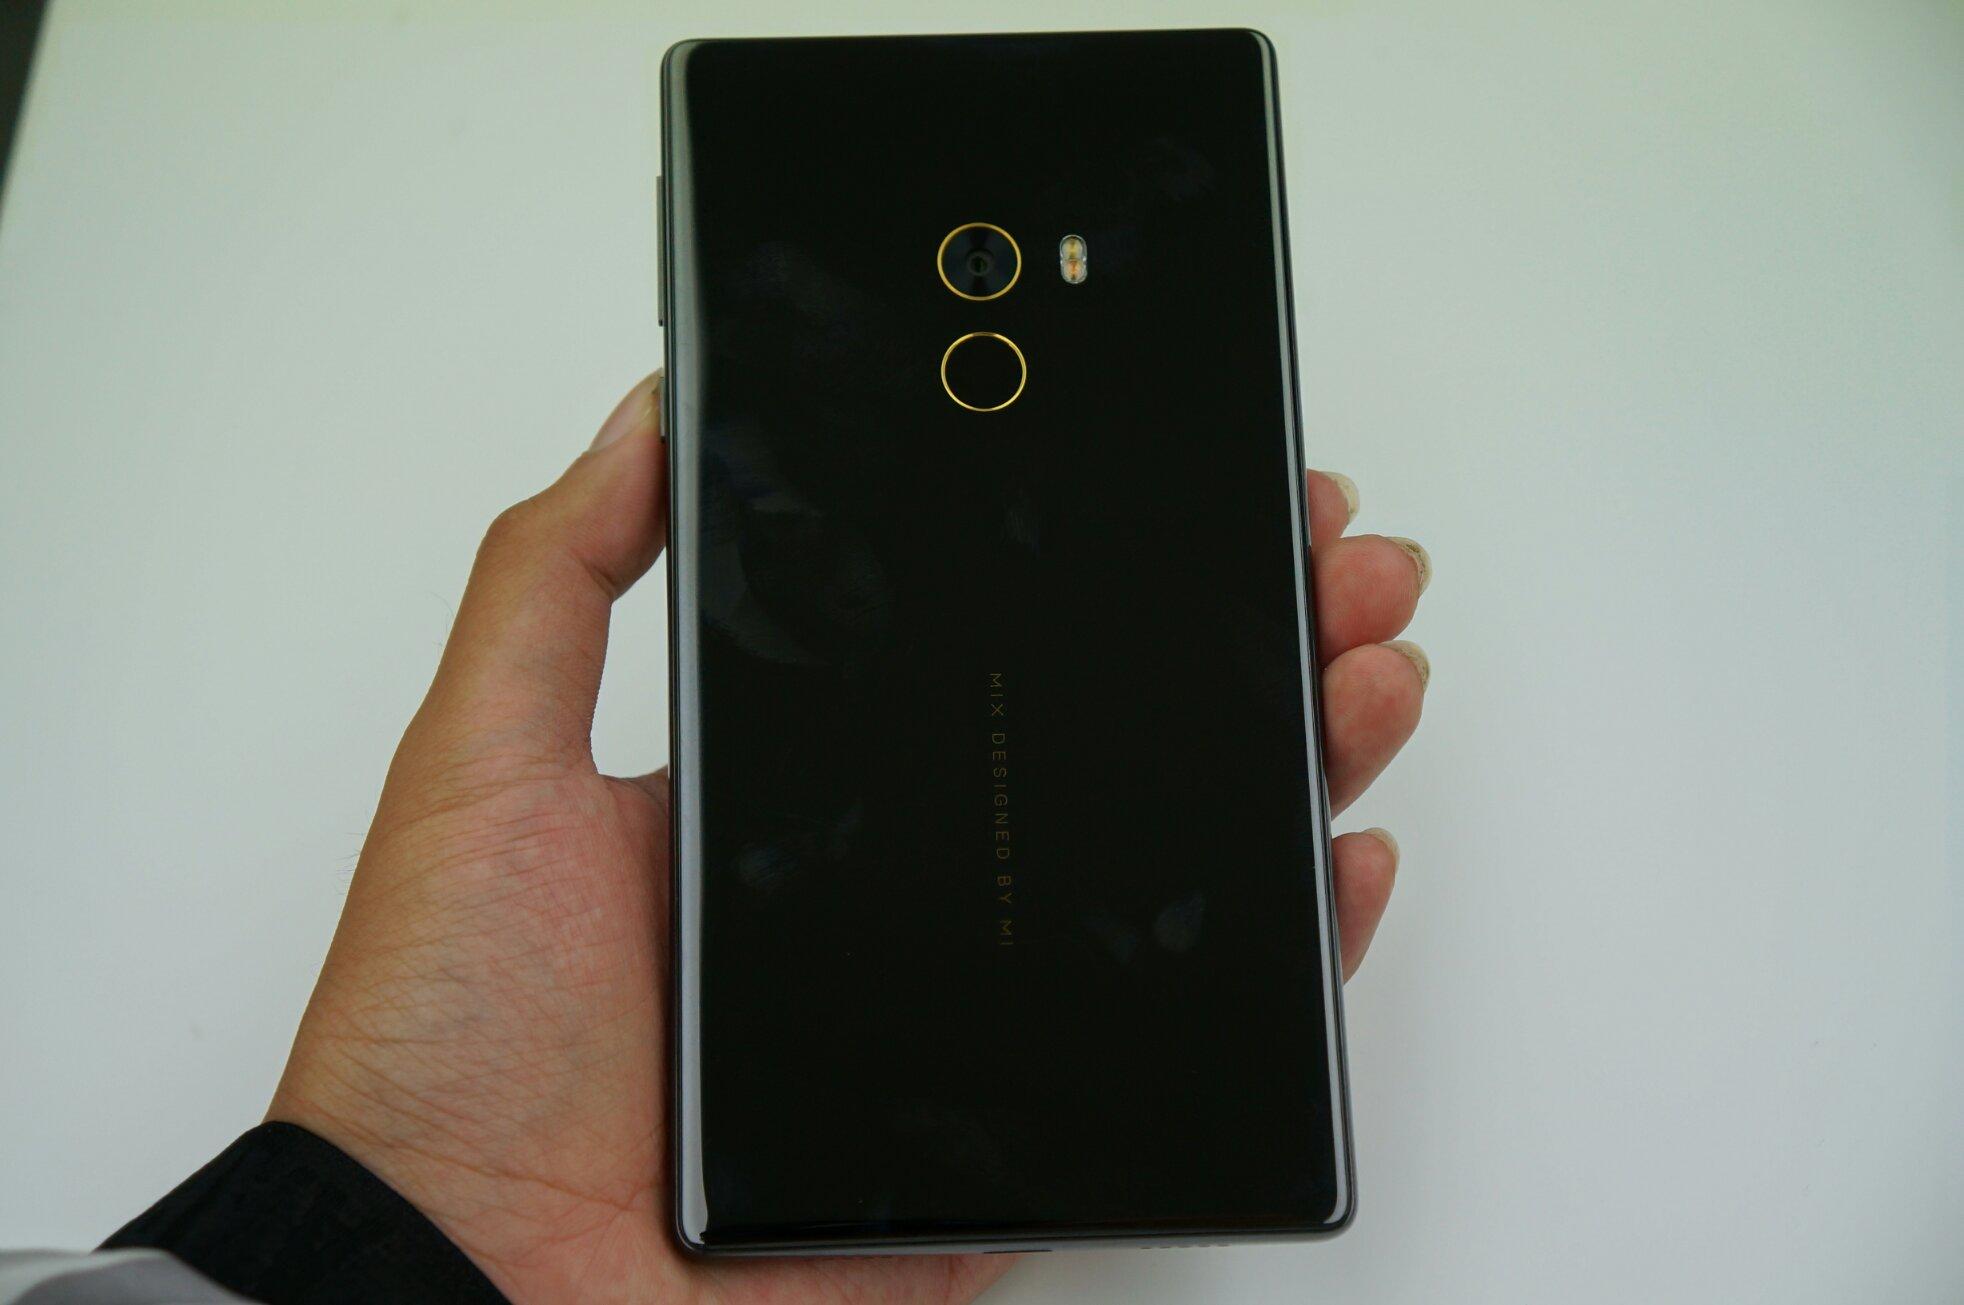 小米mix現場圖賞:全屏幕概念手機,對標夏普無邊框